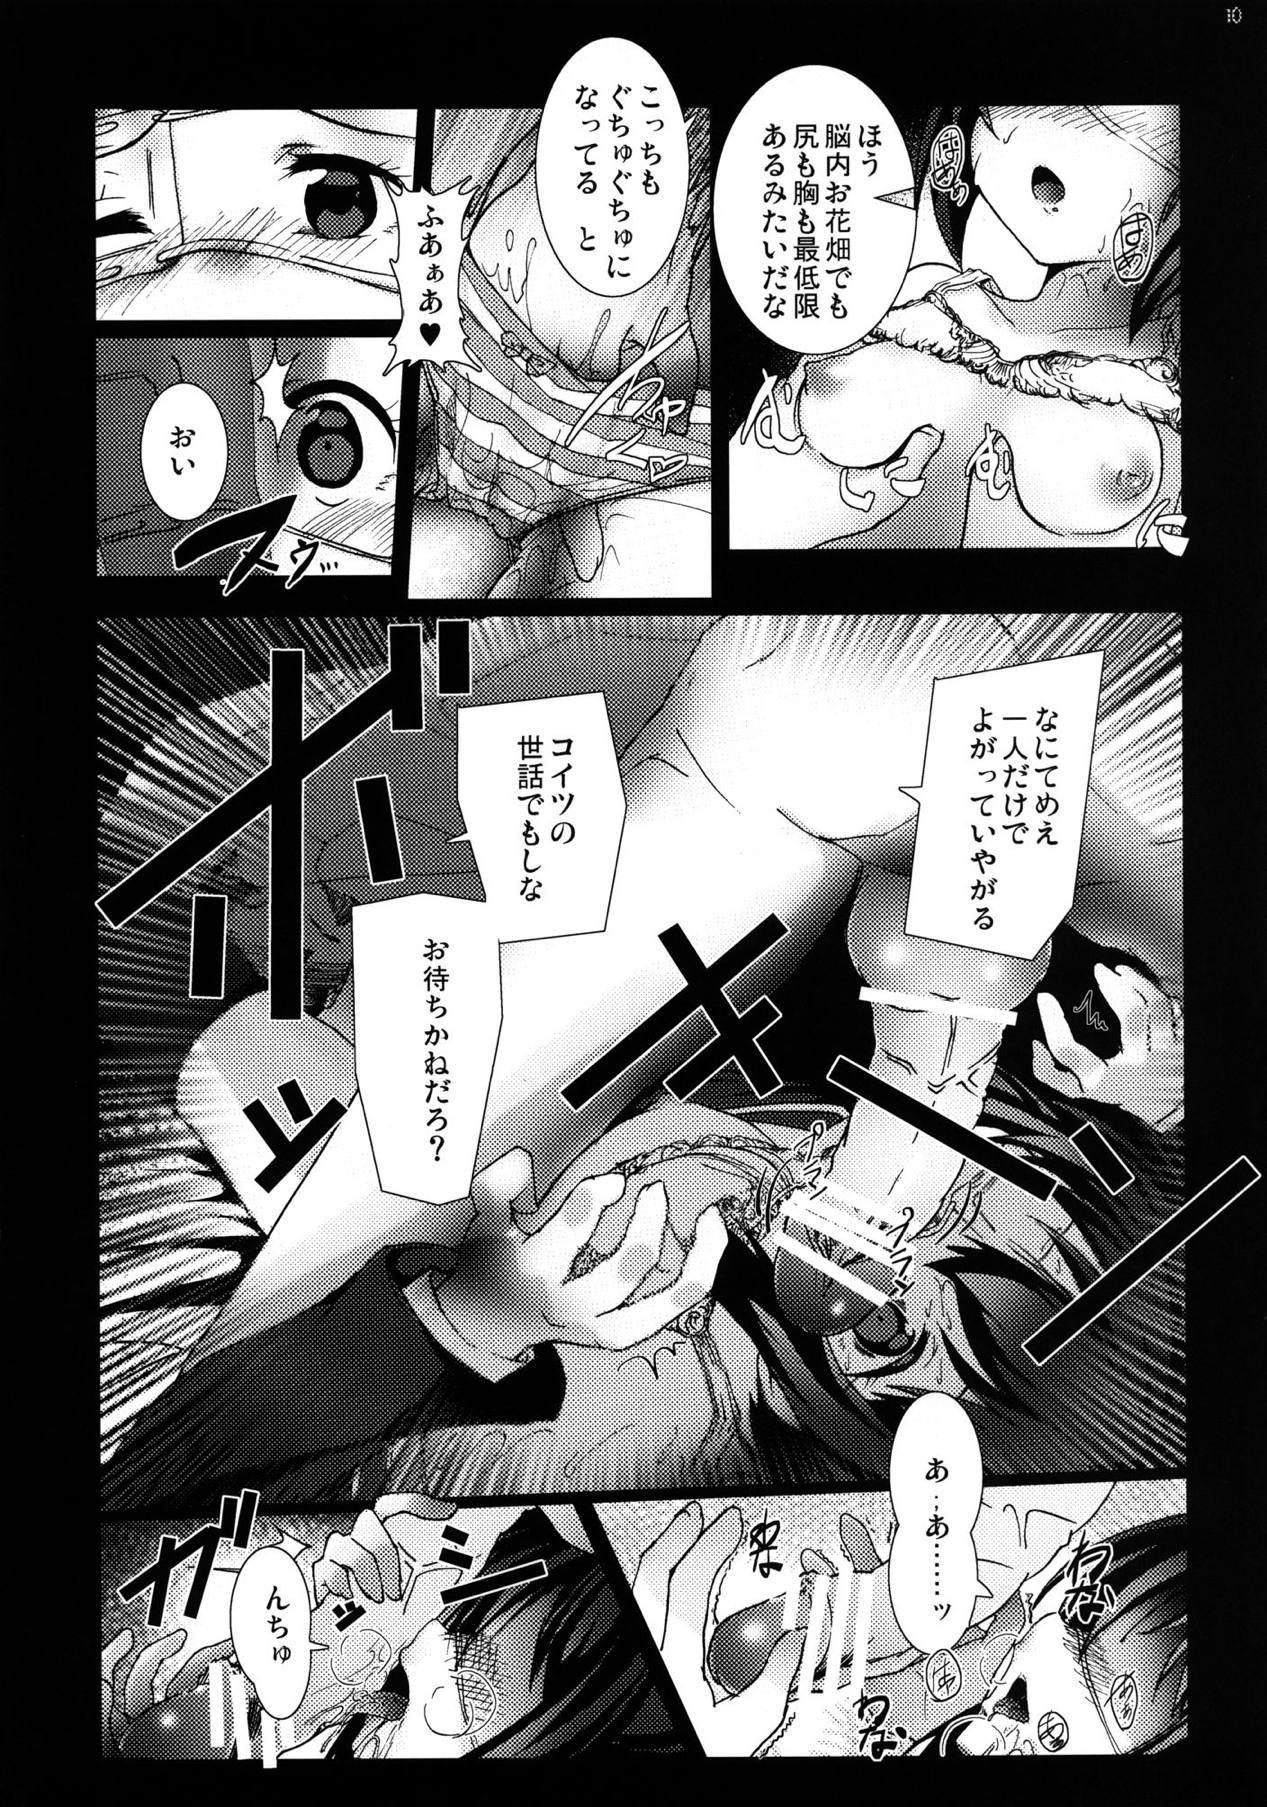 Chuunibyou demo Ninshin Shitai! 8